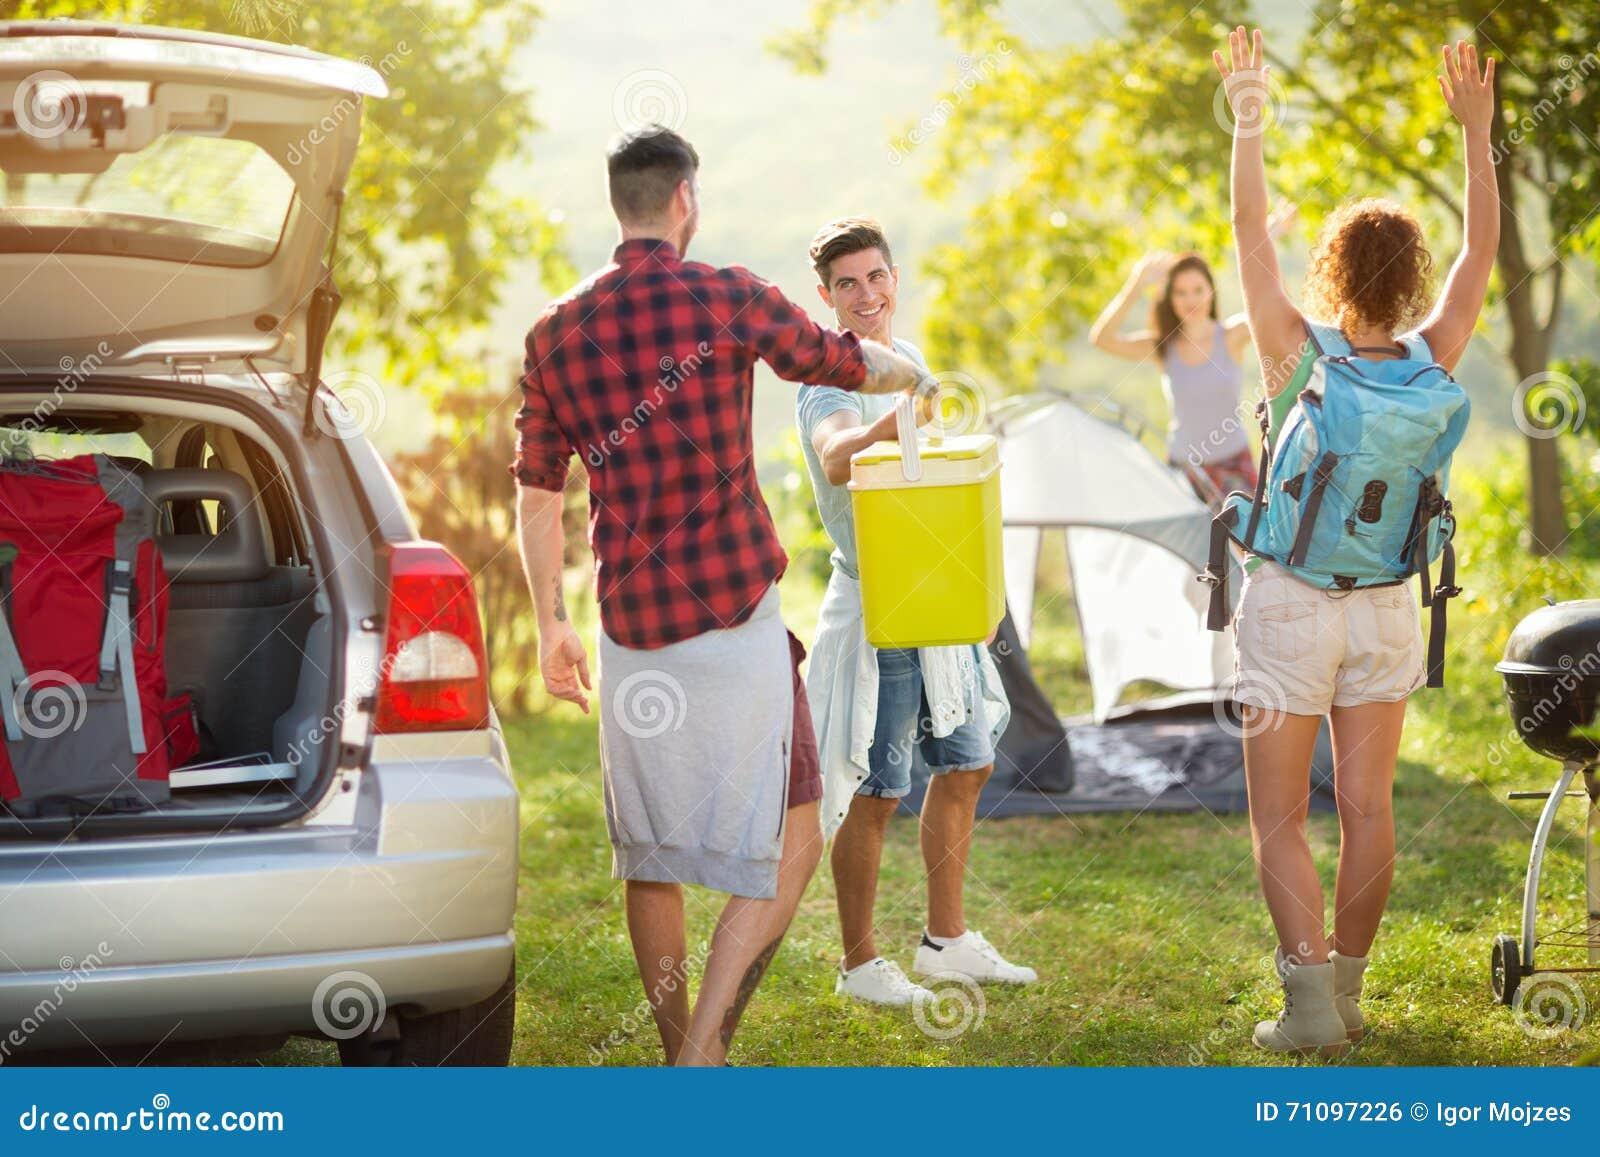 Glückliche Freunde, die Auto für Camping-Ausflug auspacken